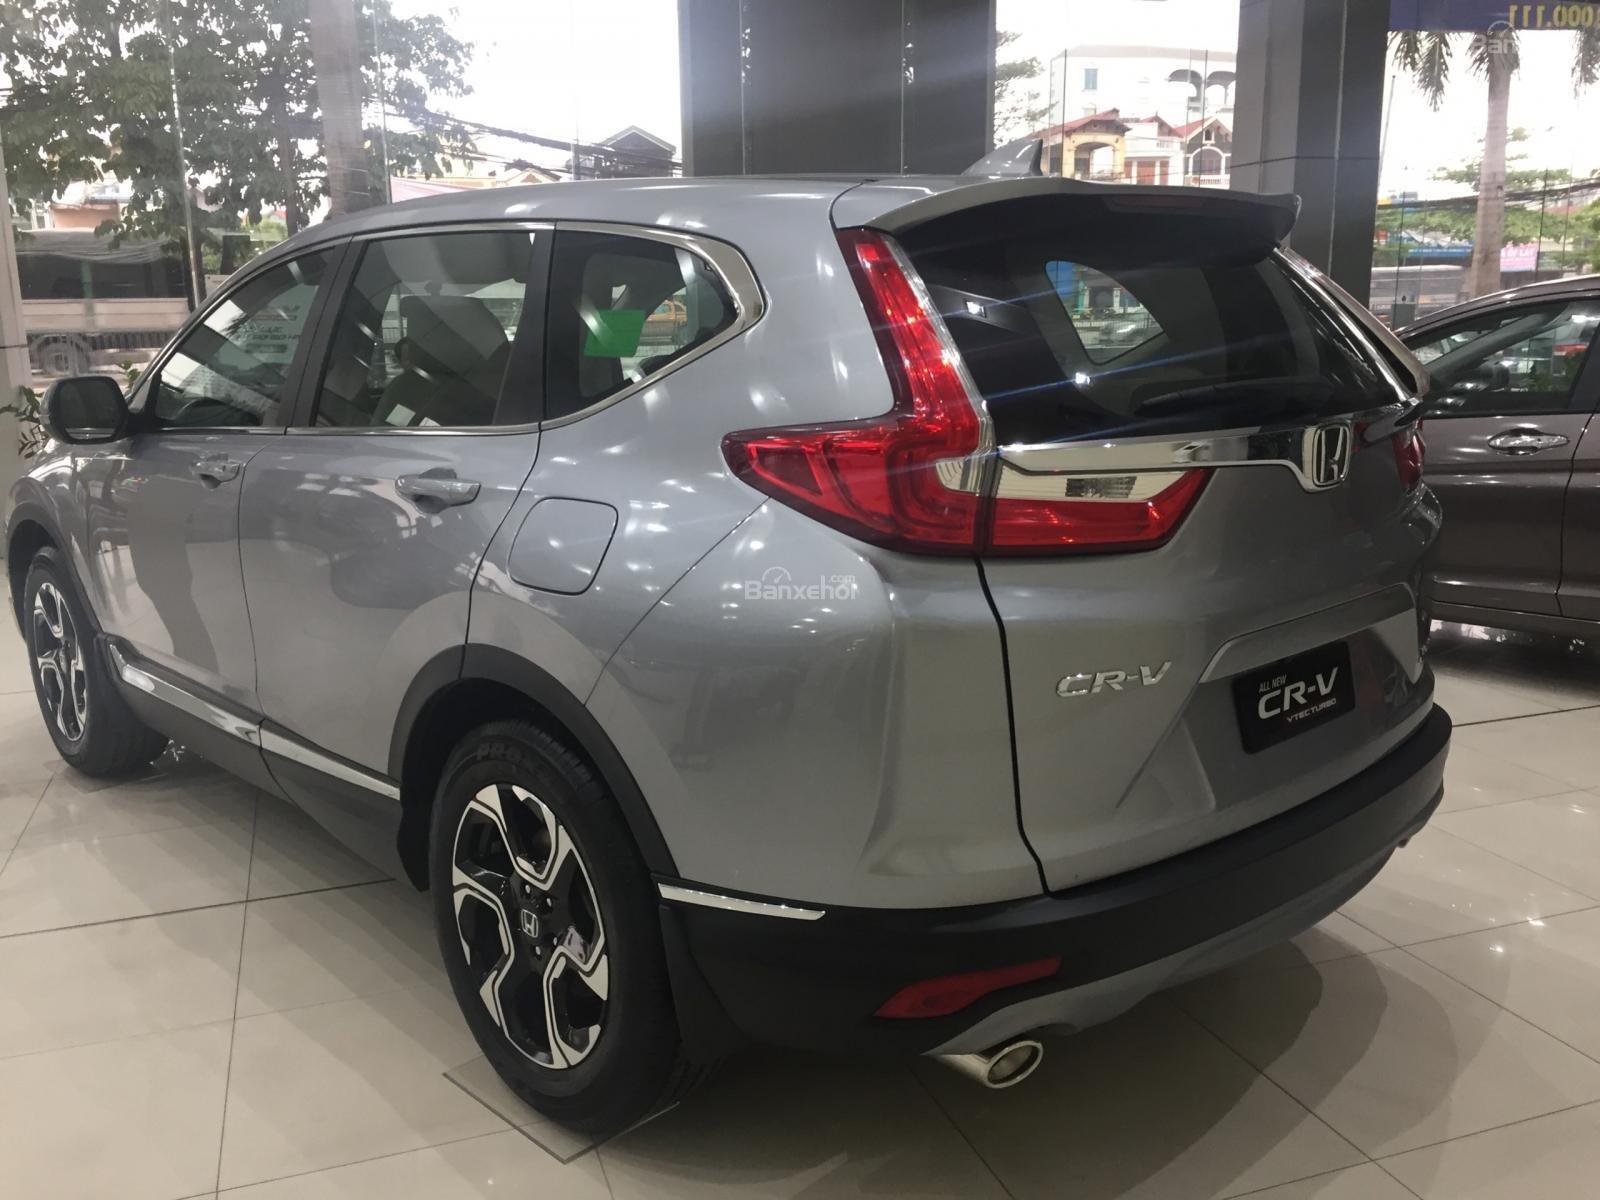 Honda Giải Phóng, Honda CR-V 2018 mới 100%, nhập khẩu nguyên chiếc, đủ ba phiên bản, LH 0903.273.696-6